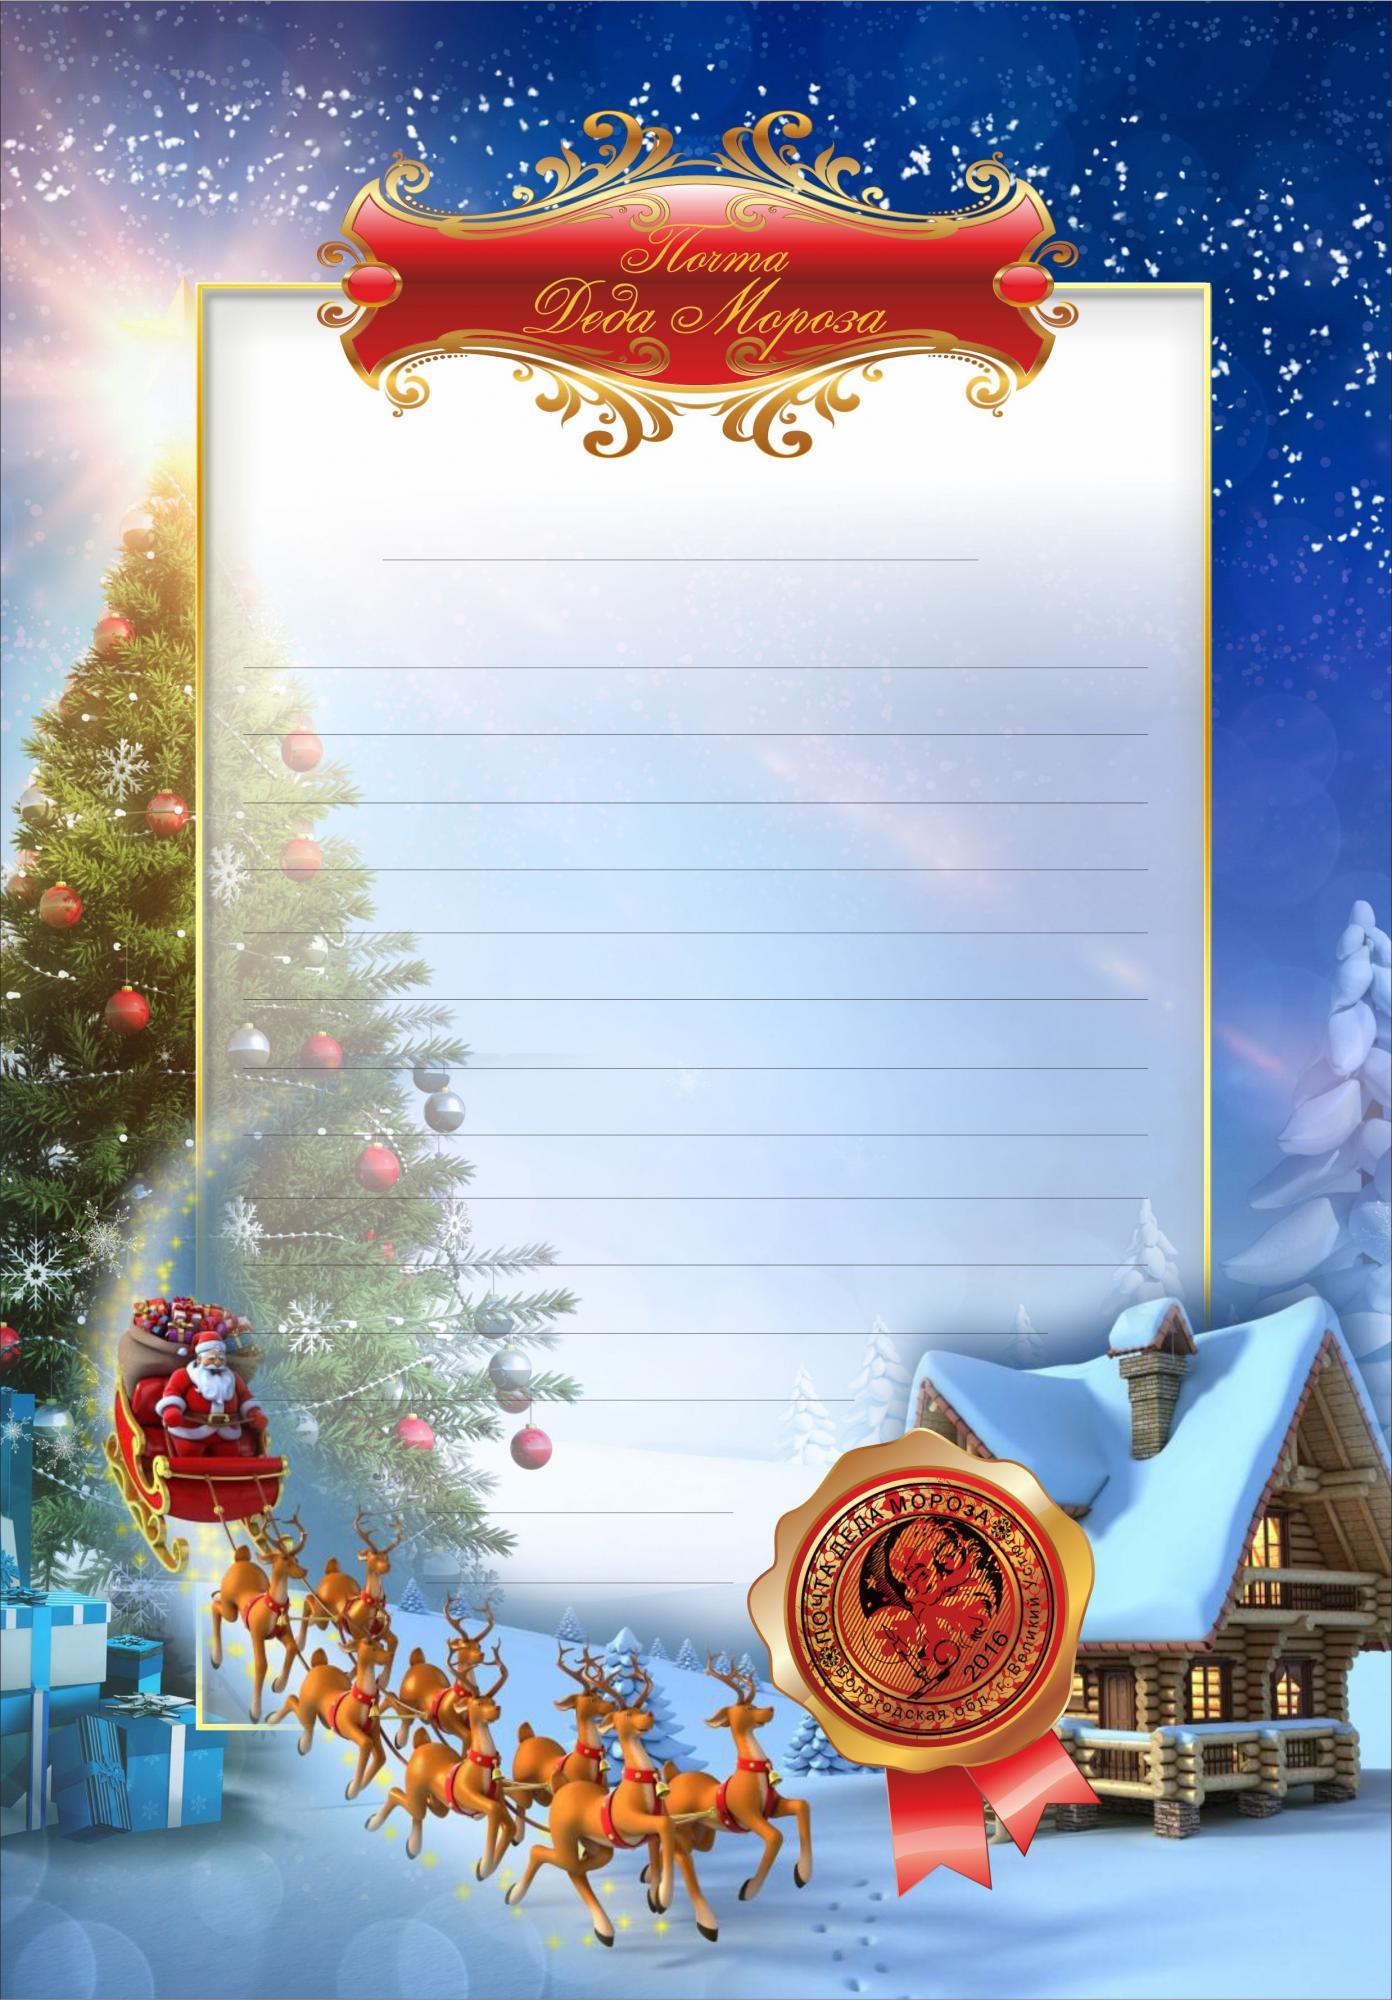 разновидность картинки для новогоднего письма от деда мороза одна